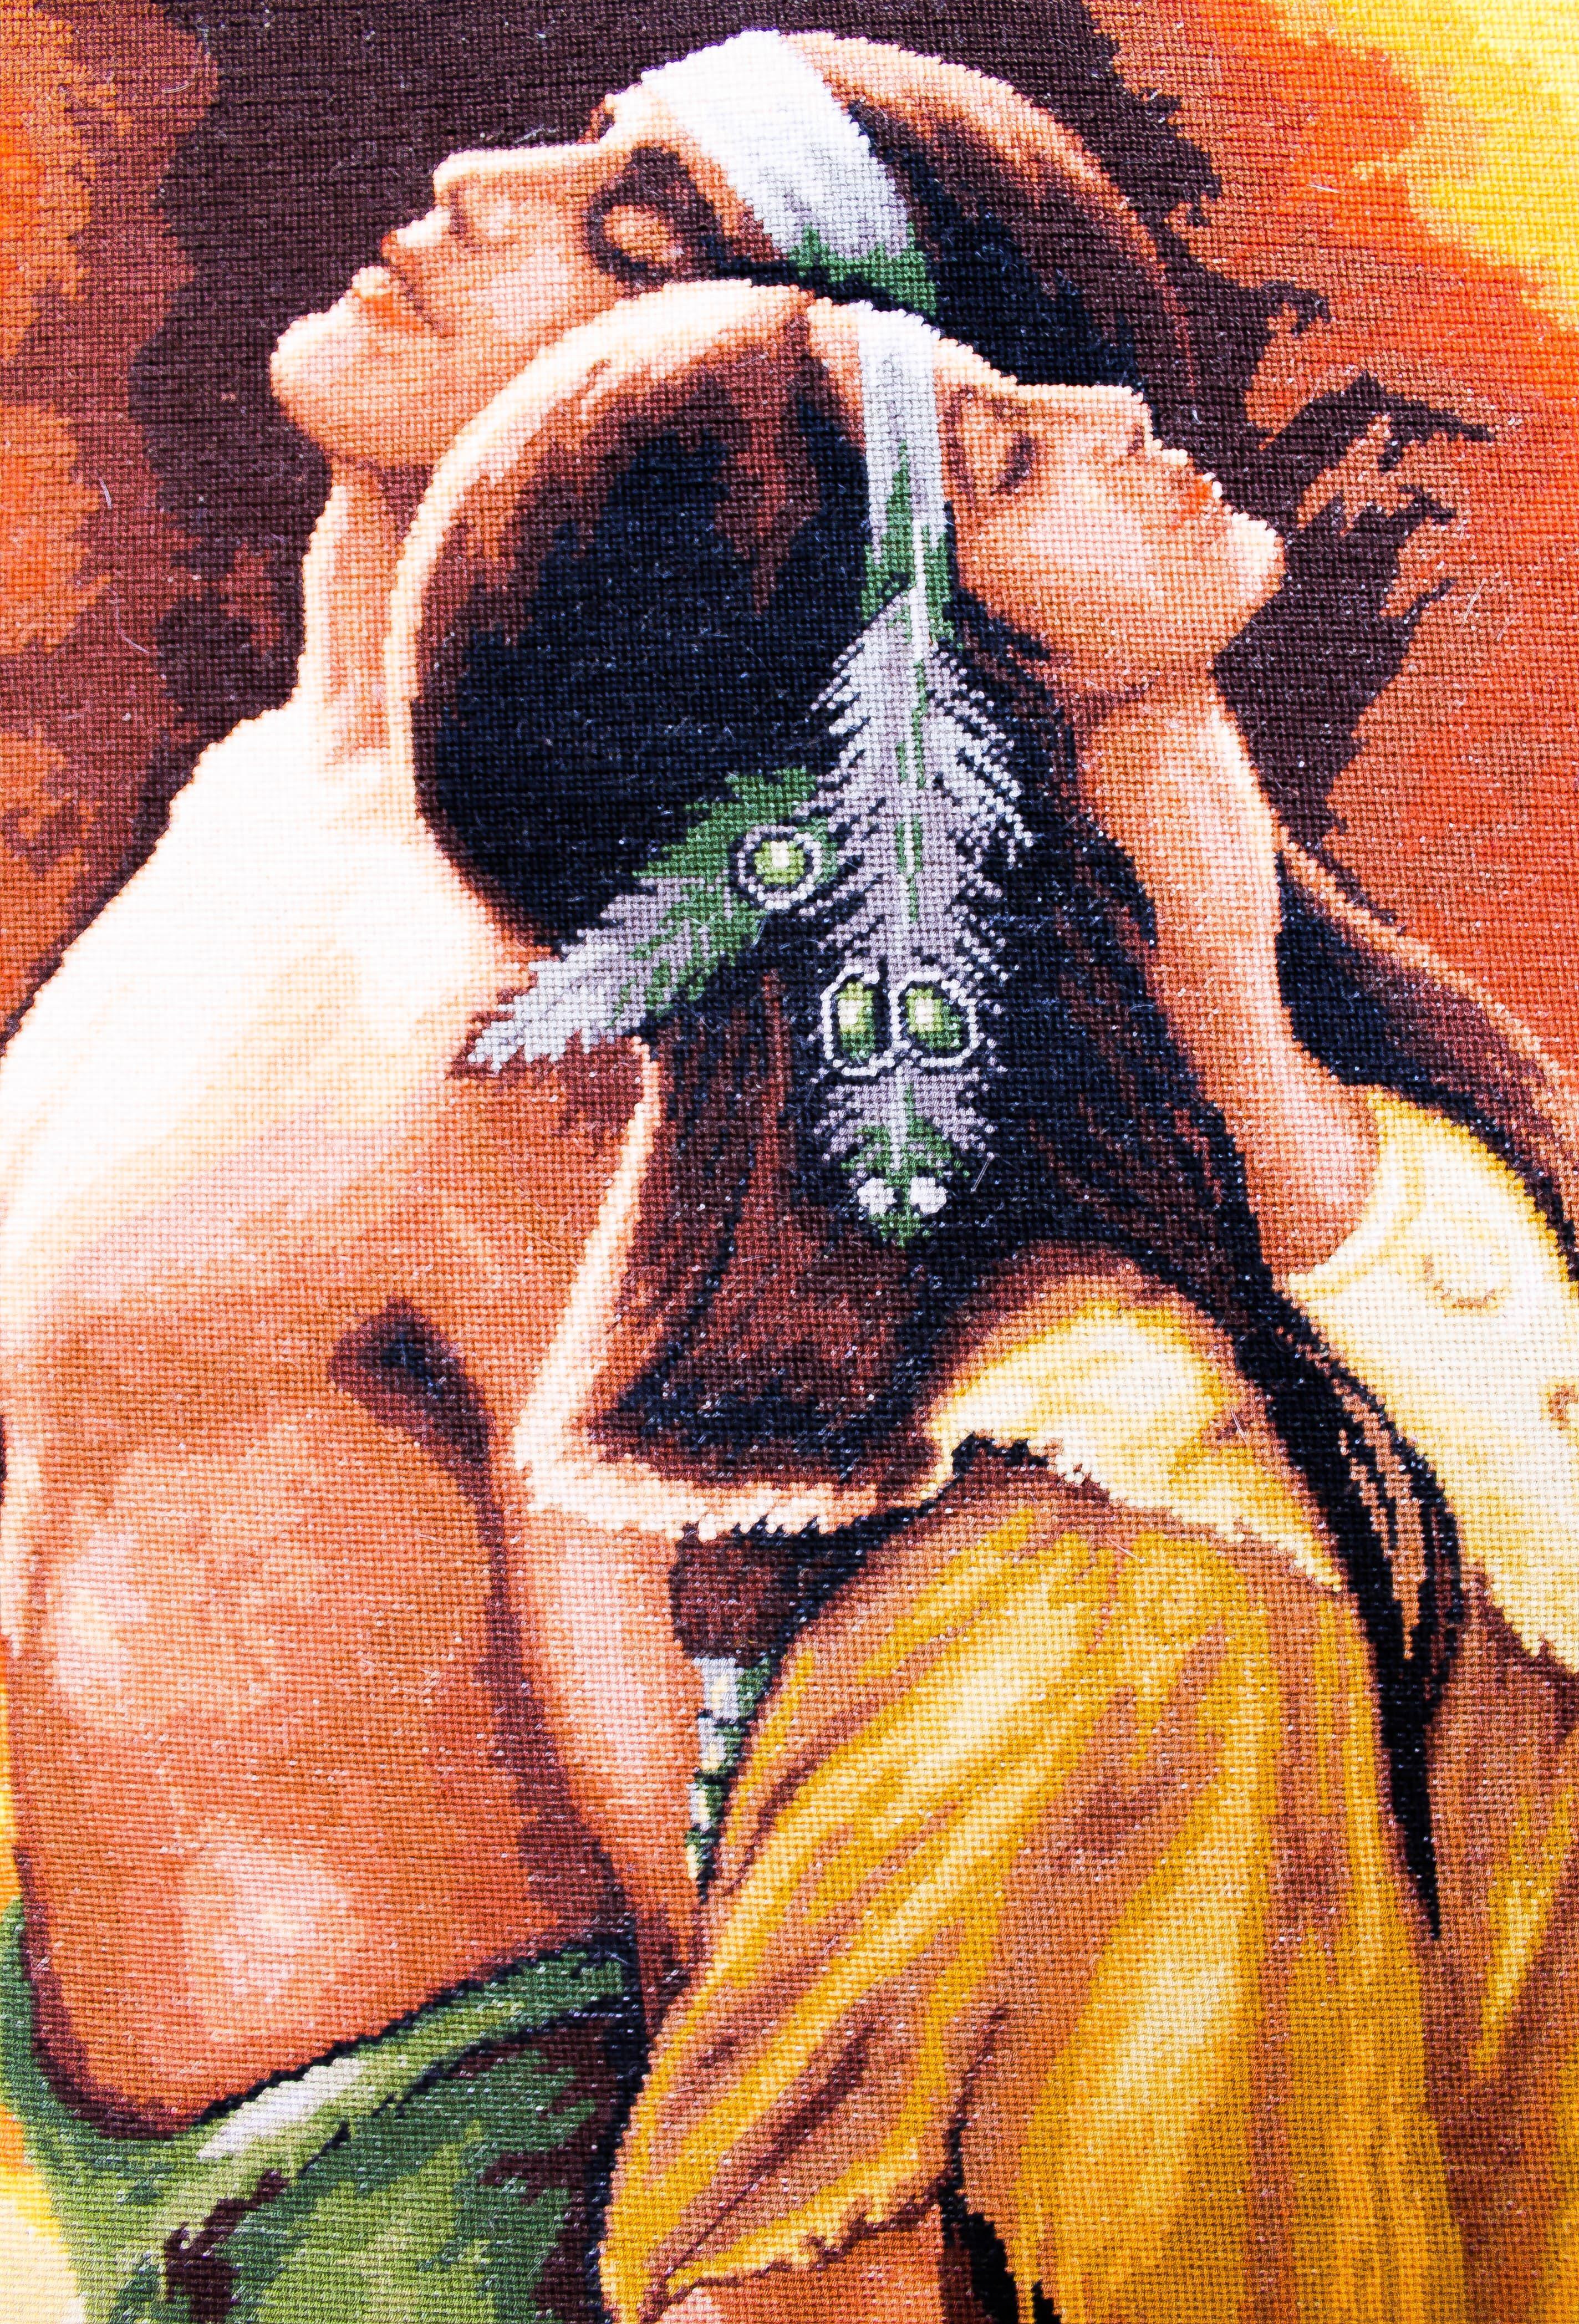 шов индейцы индеец картины вышитые гобеленовый гобеленовые гобеленовая интерьере индейская любовь крестом вышитая люди картина гобелен